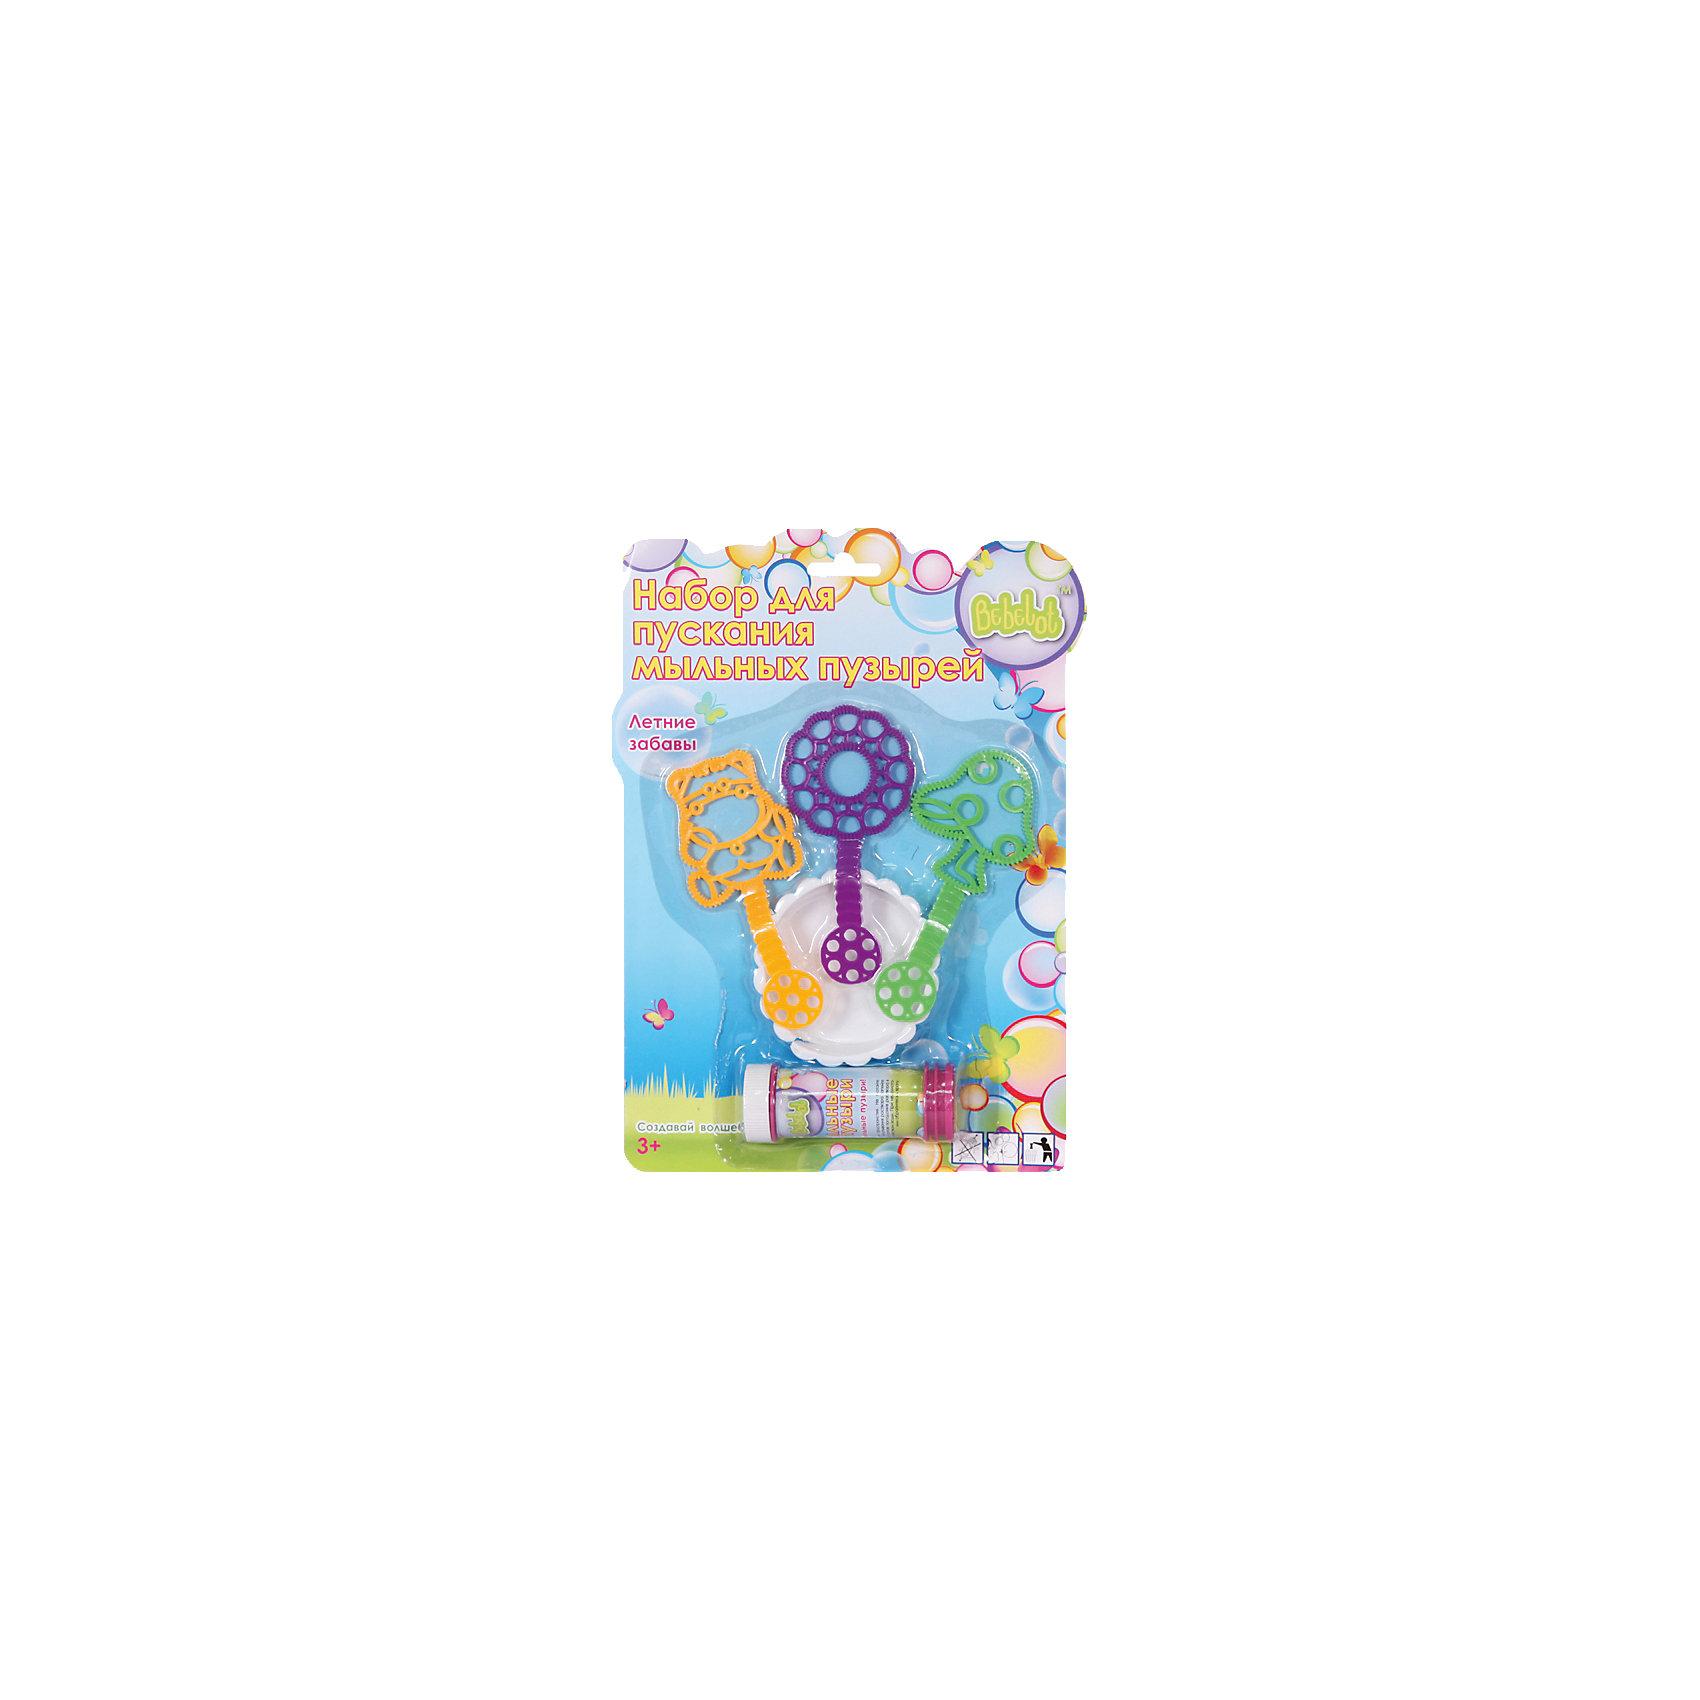 - Набор для пускания мыльных пузырей Летние забавы, Bebelot игрушка для активного отдыха bebelot захват beb1106 045